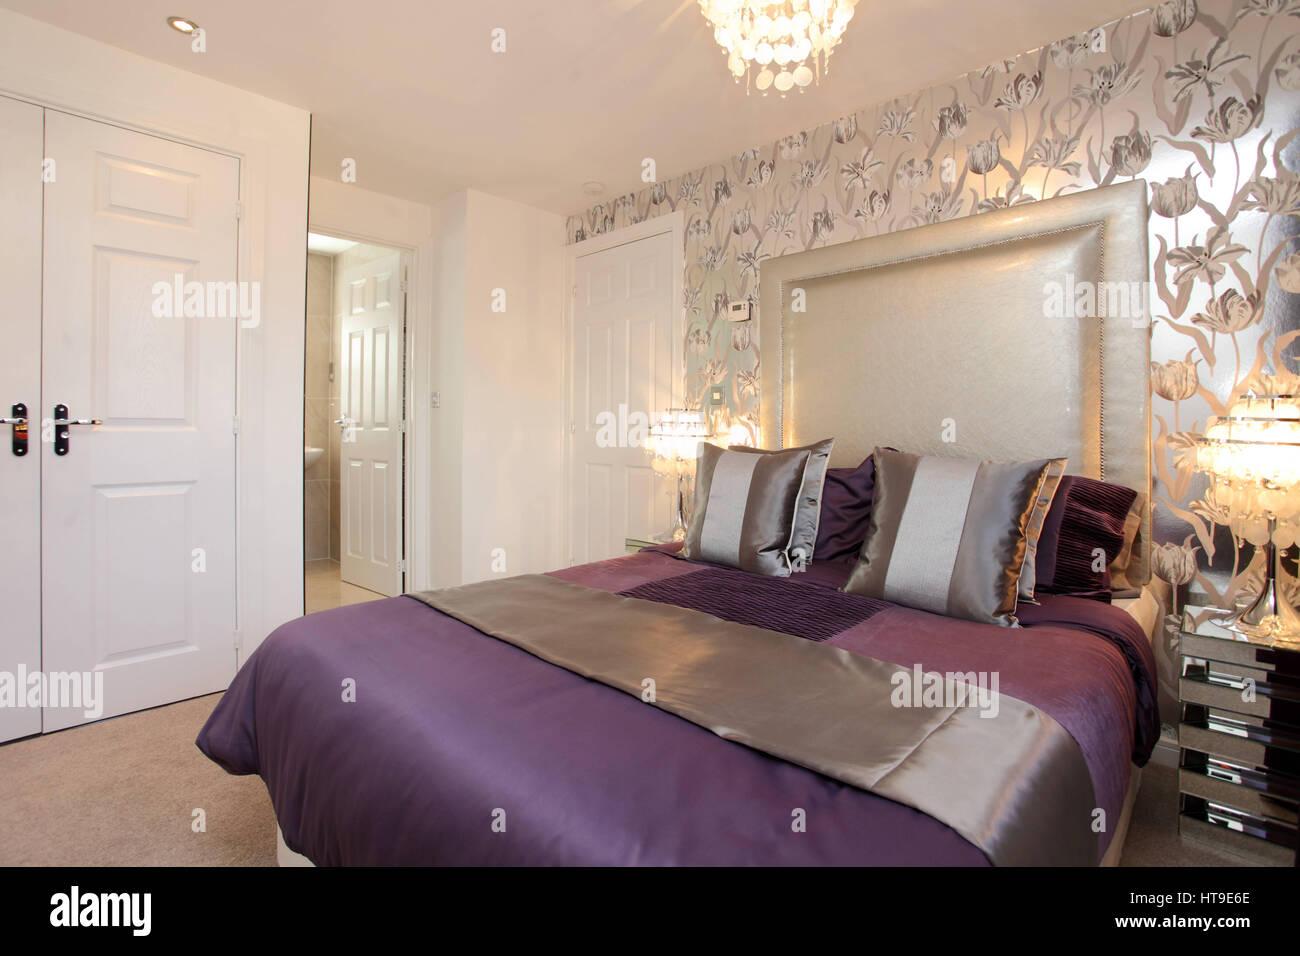 Wohngebäude, Schlafzimmer Dekoriert In Lila Und Silber, Wand, Silberne  Tapete, Blumenmuster, Bad, Schränke